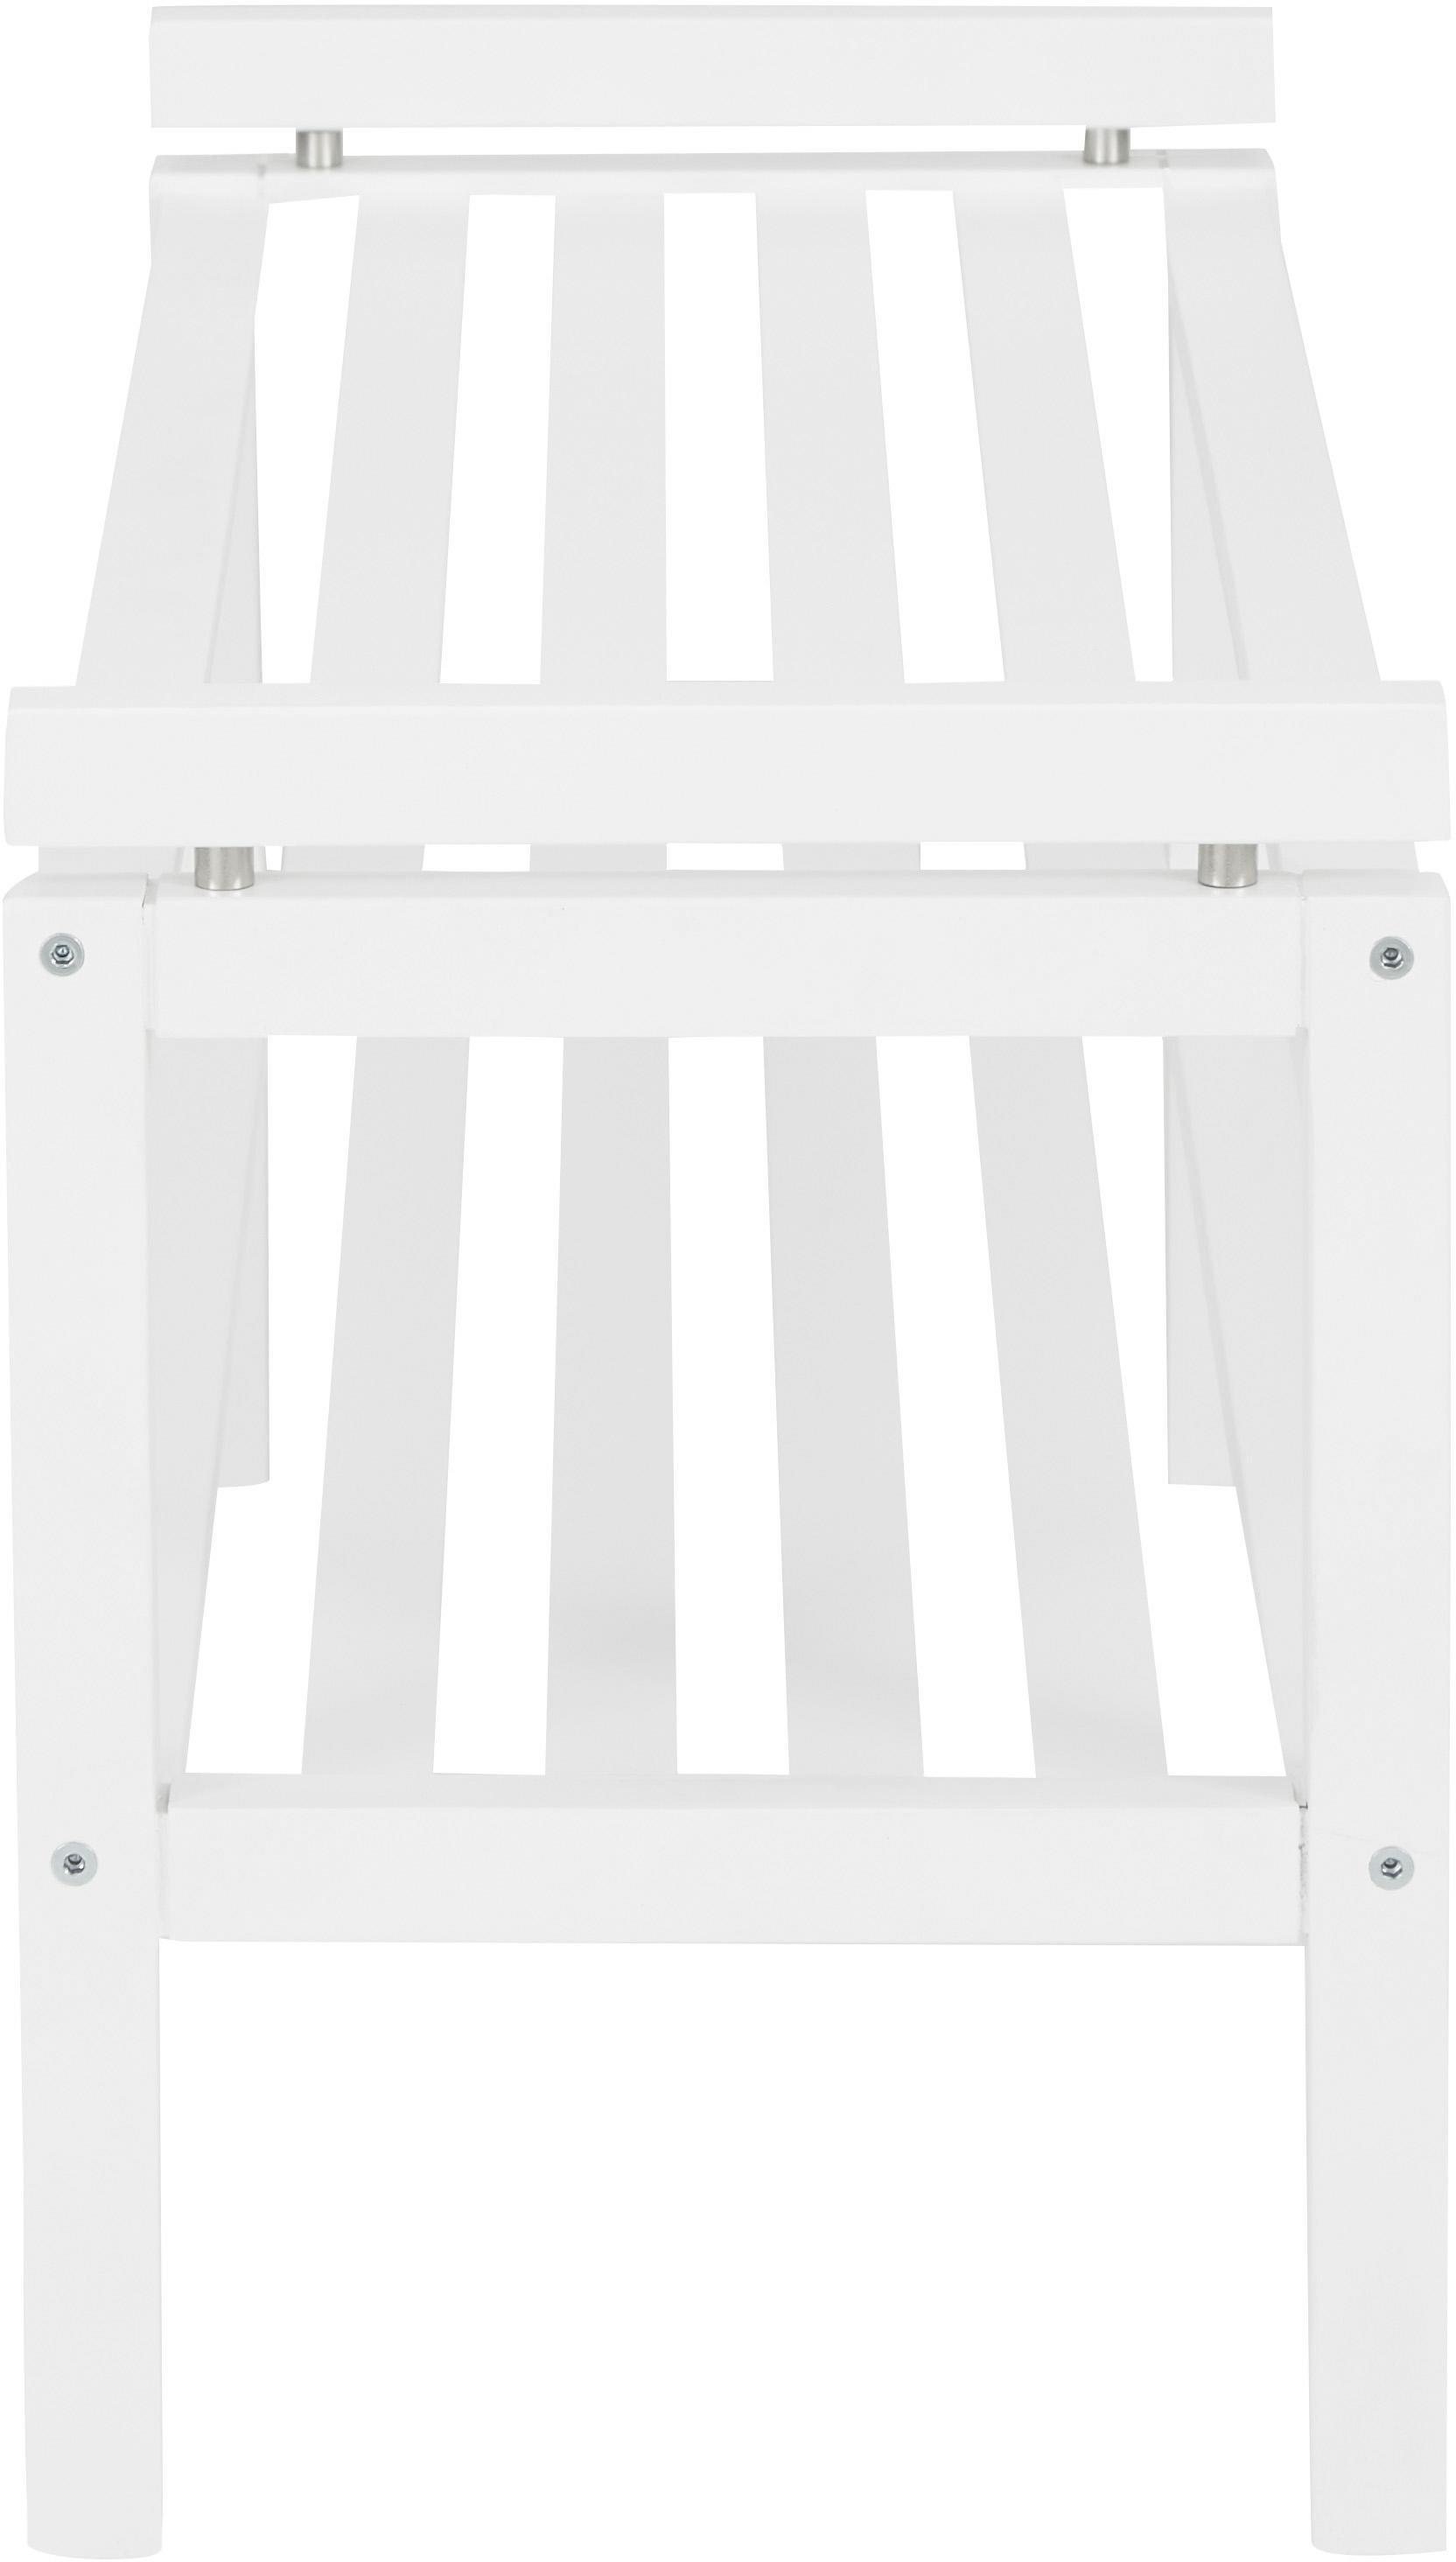 Holz-Schuhregal Confetti mit 2 Ablageflächen, Eichenholz, lackiert, Weiß, 80 x 40 cm